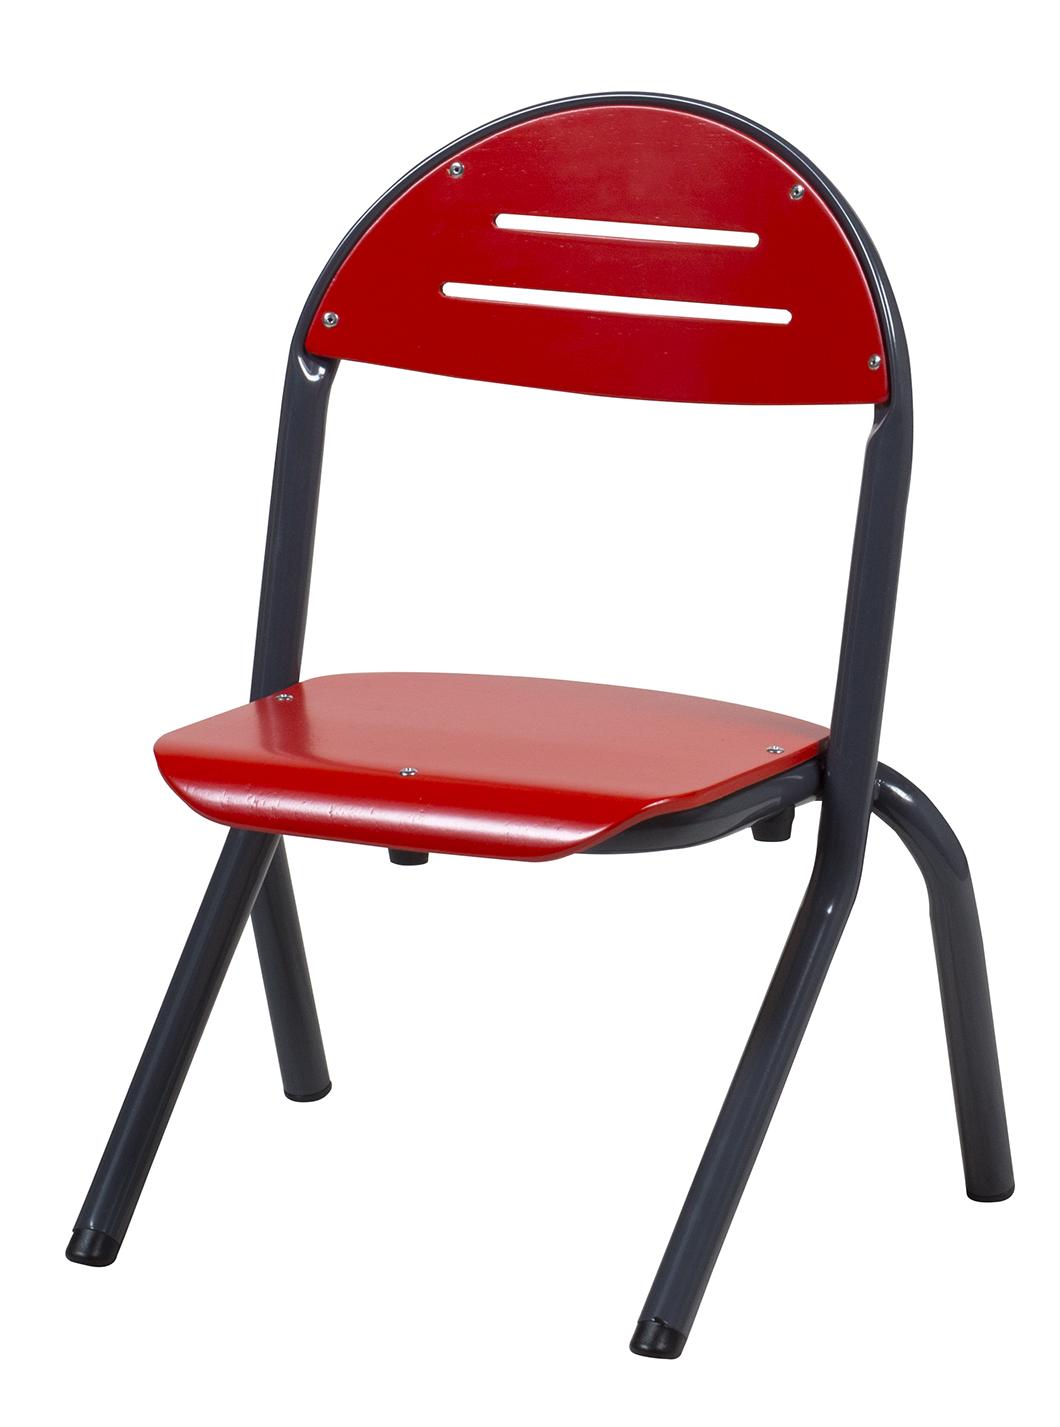 DPC - RESTAURATION Chaise TANAÏS appui sur table en aluminium